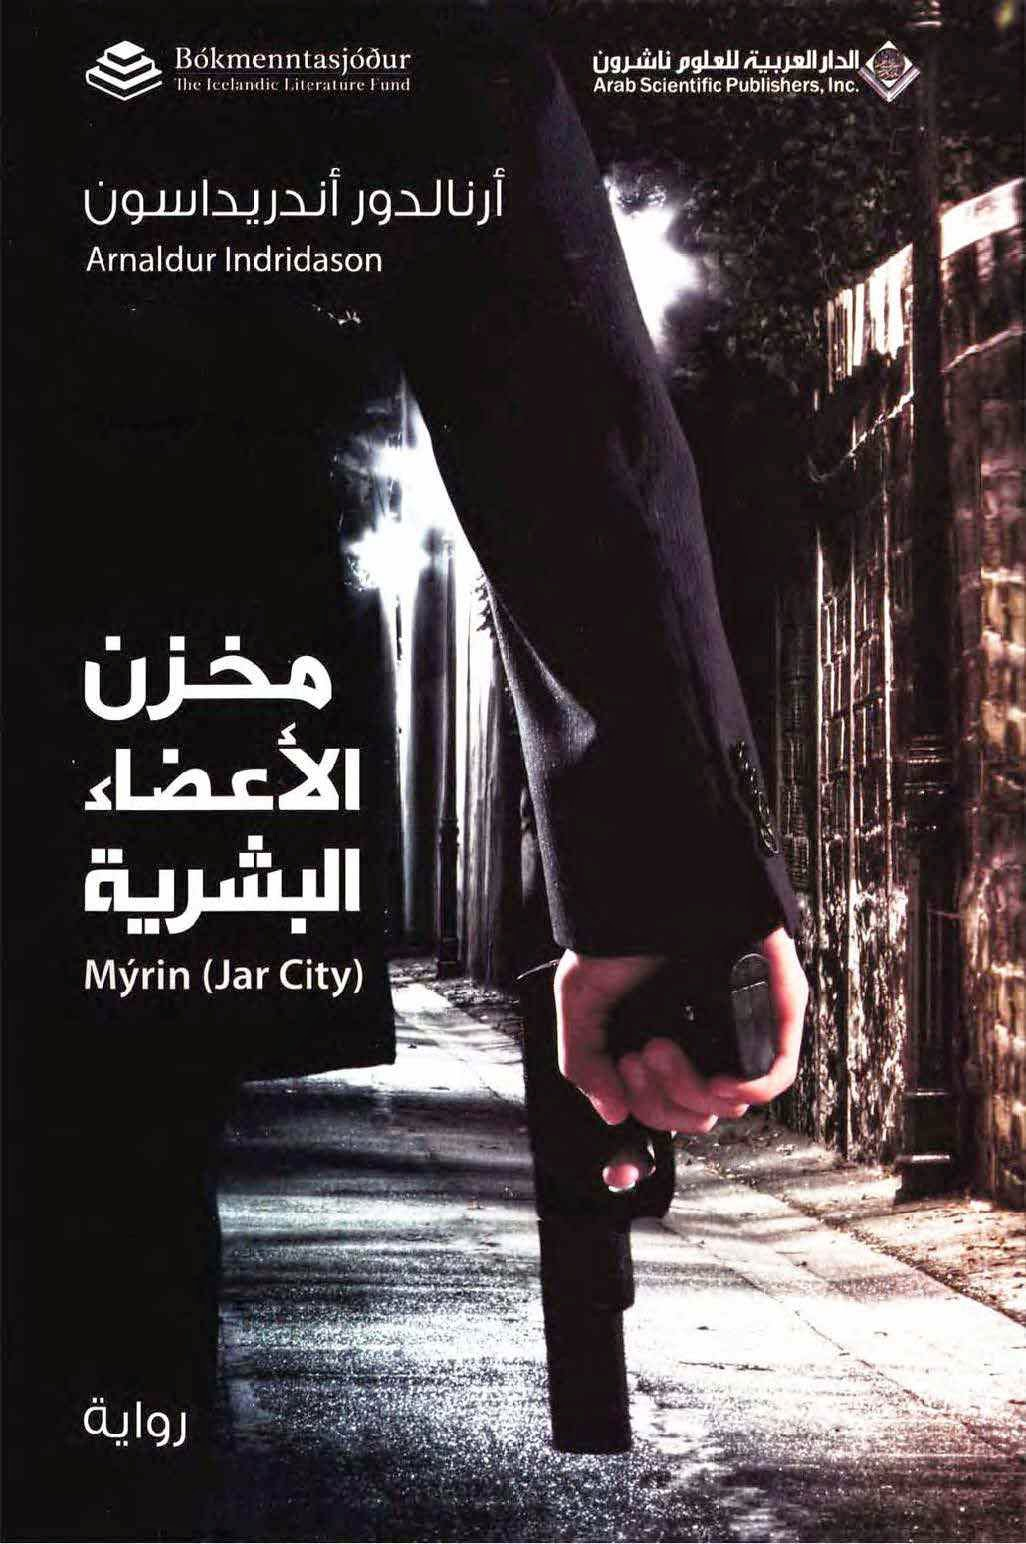 رواية مخزن الأعضاء البشرية لـ أرنالدور أندريداسون